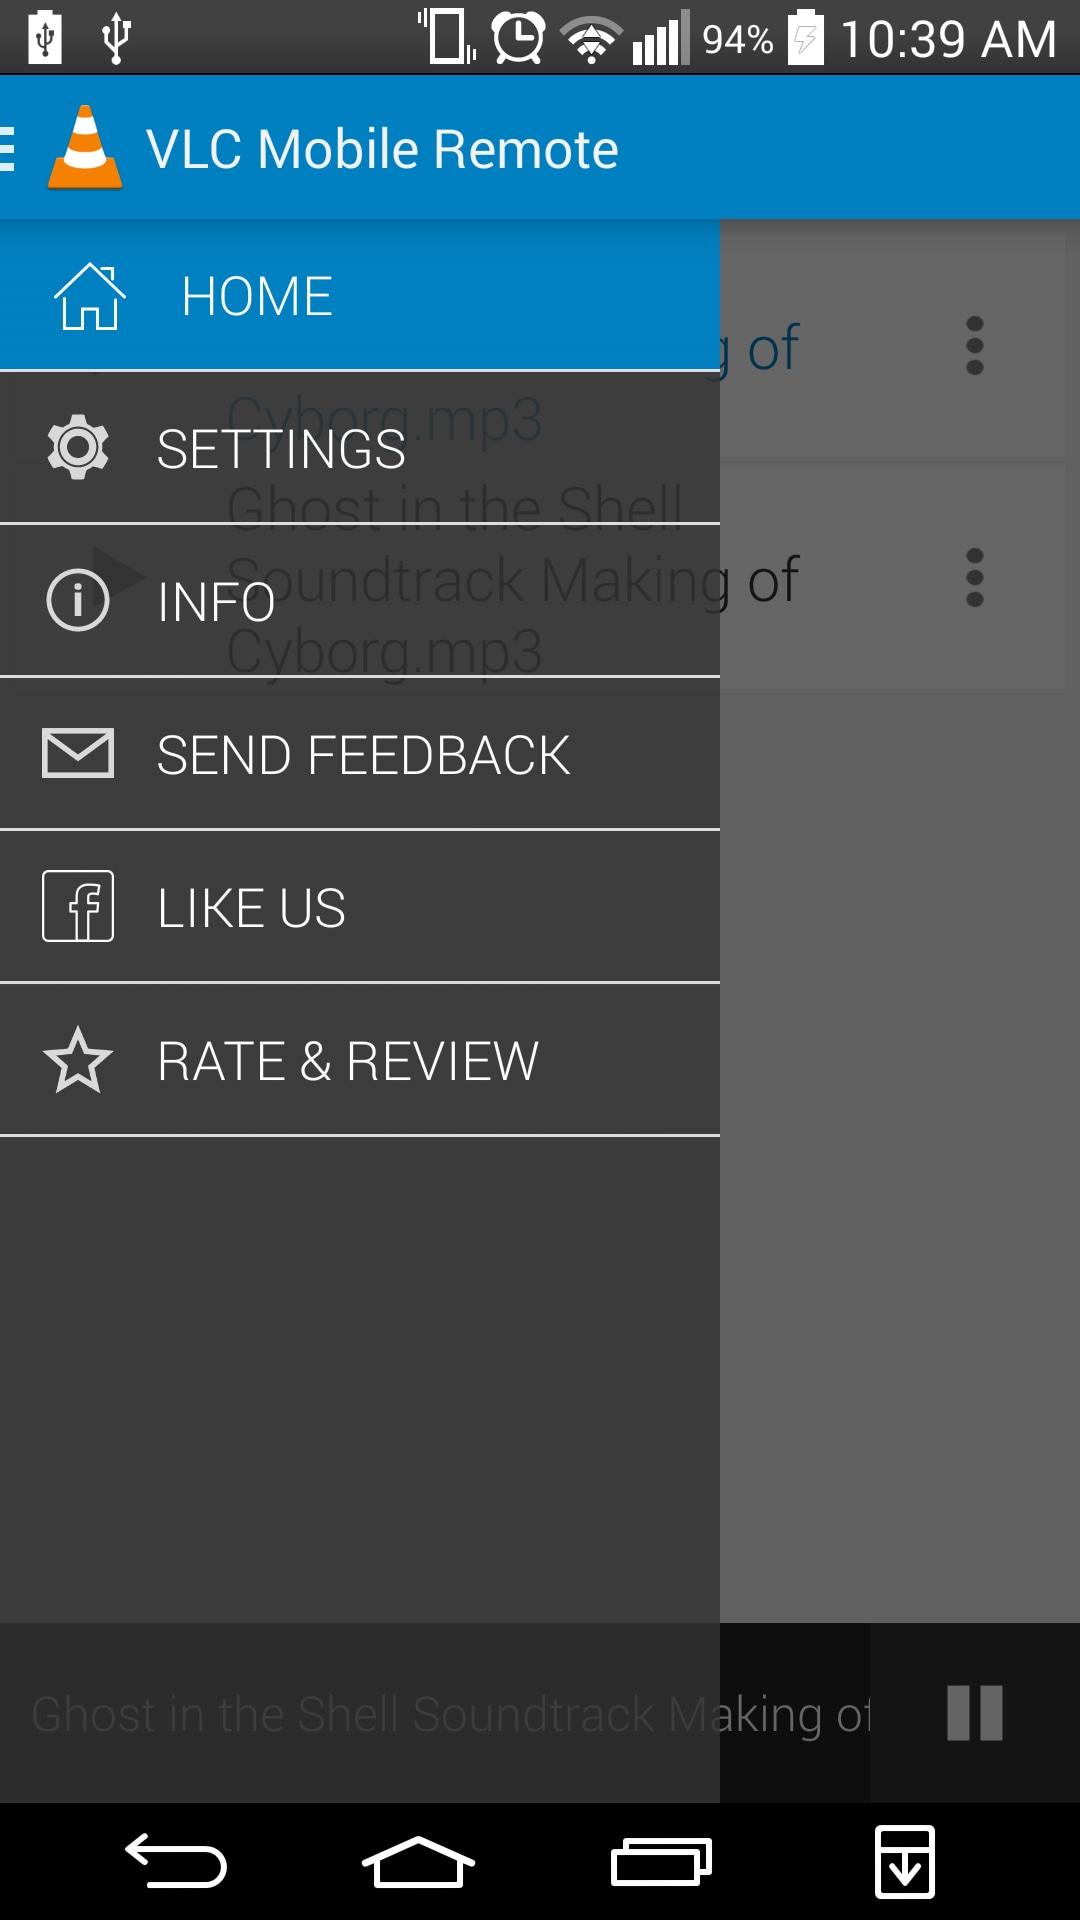 Controllare VLC da Android con l'app gratuita VLC Remote | AndroidWorld